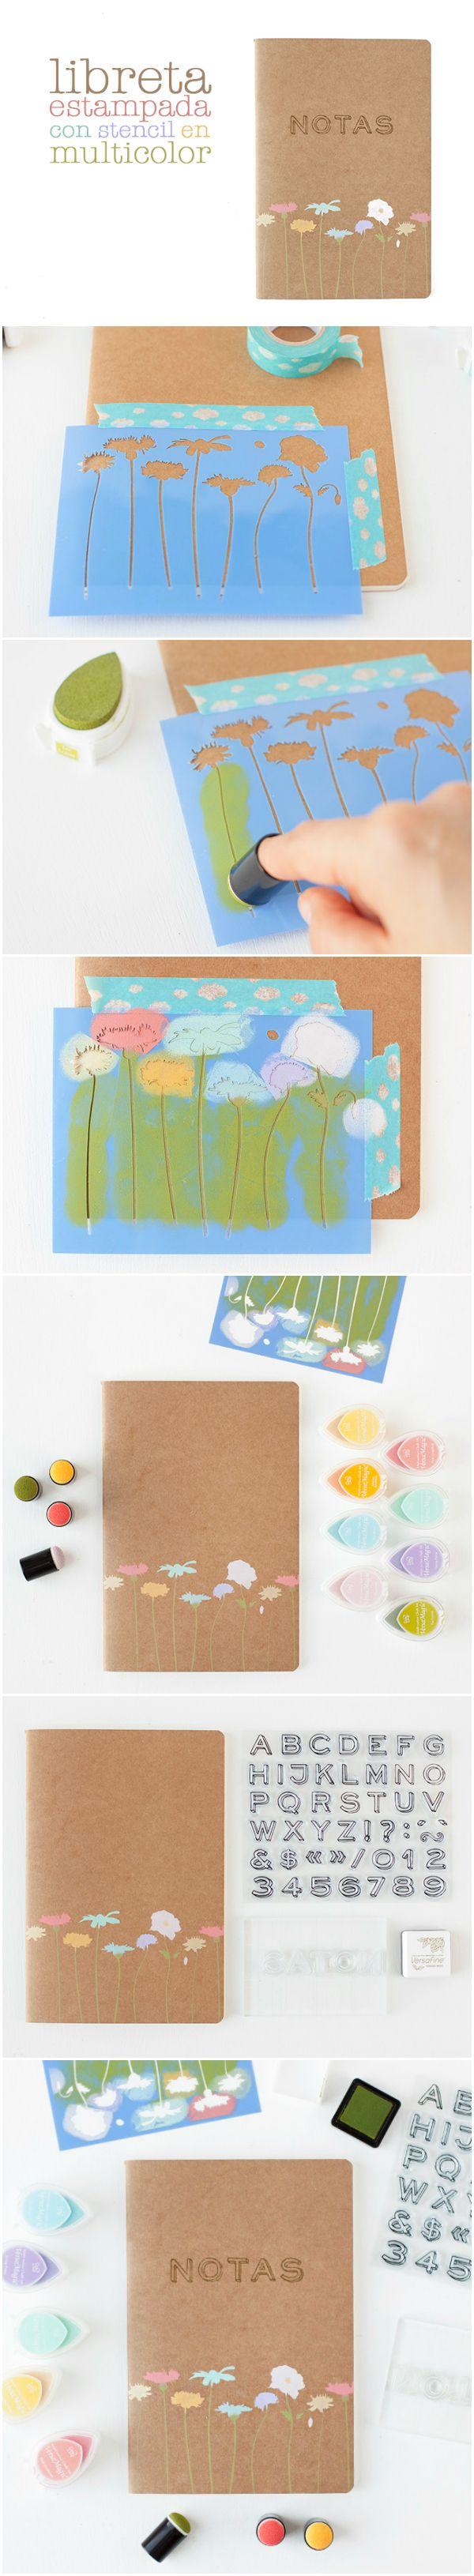 Cómo usar un stencil para estampar una libreta en multicolor.